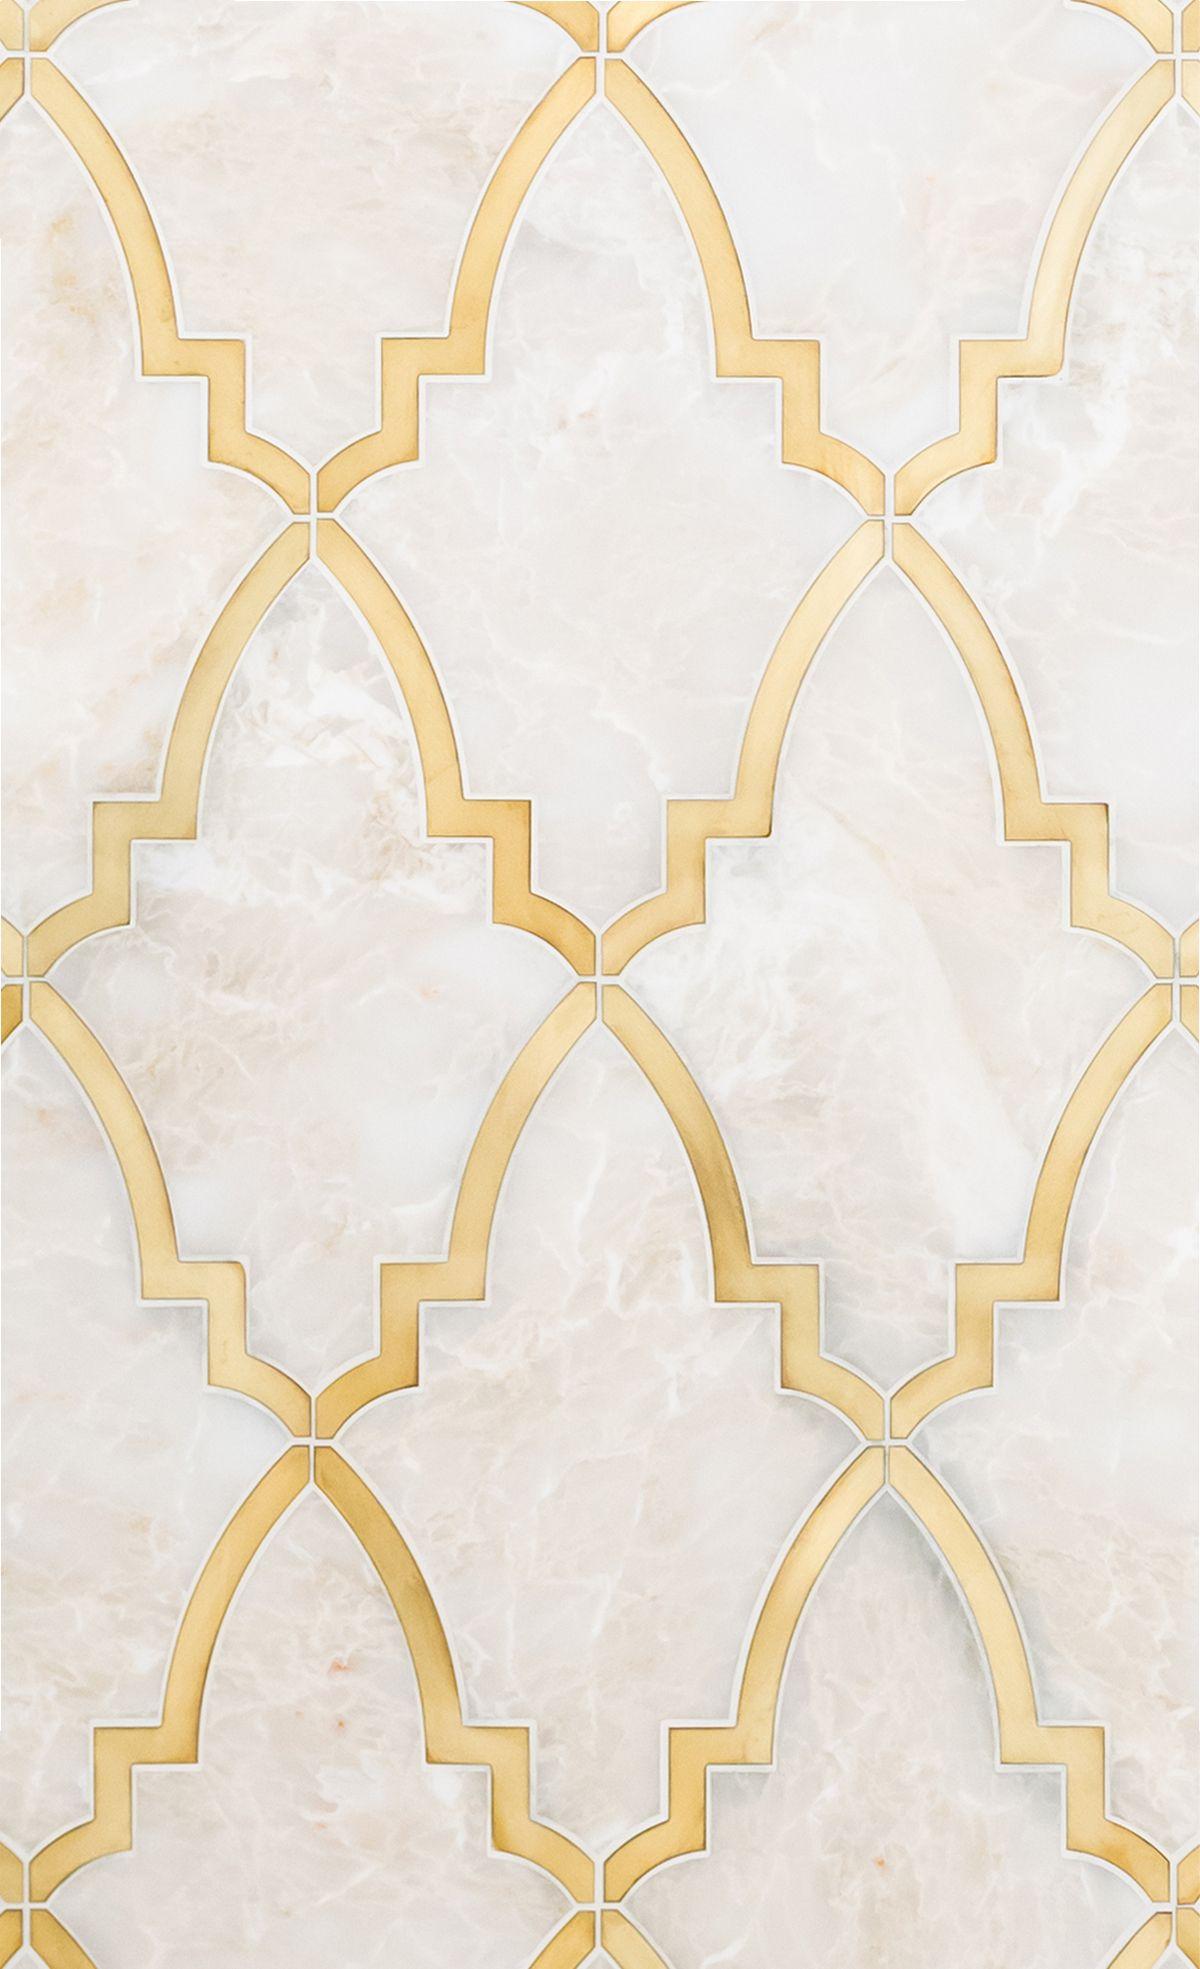 Paris Grande Water Jet Mosaic By Mosaïque Surface Through Renaissance Tile And Bath